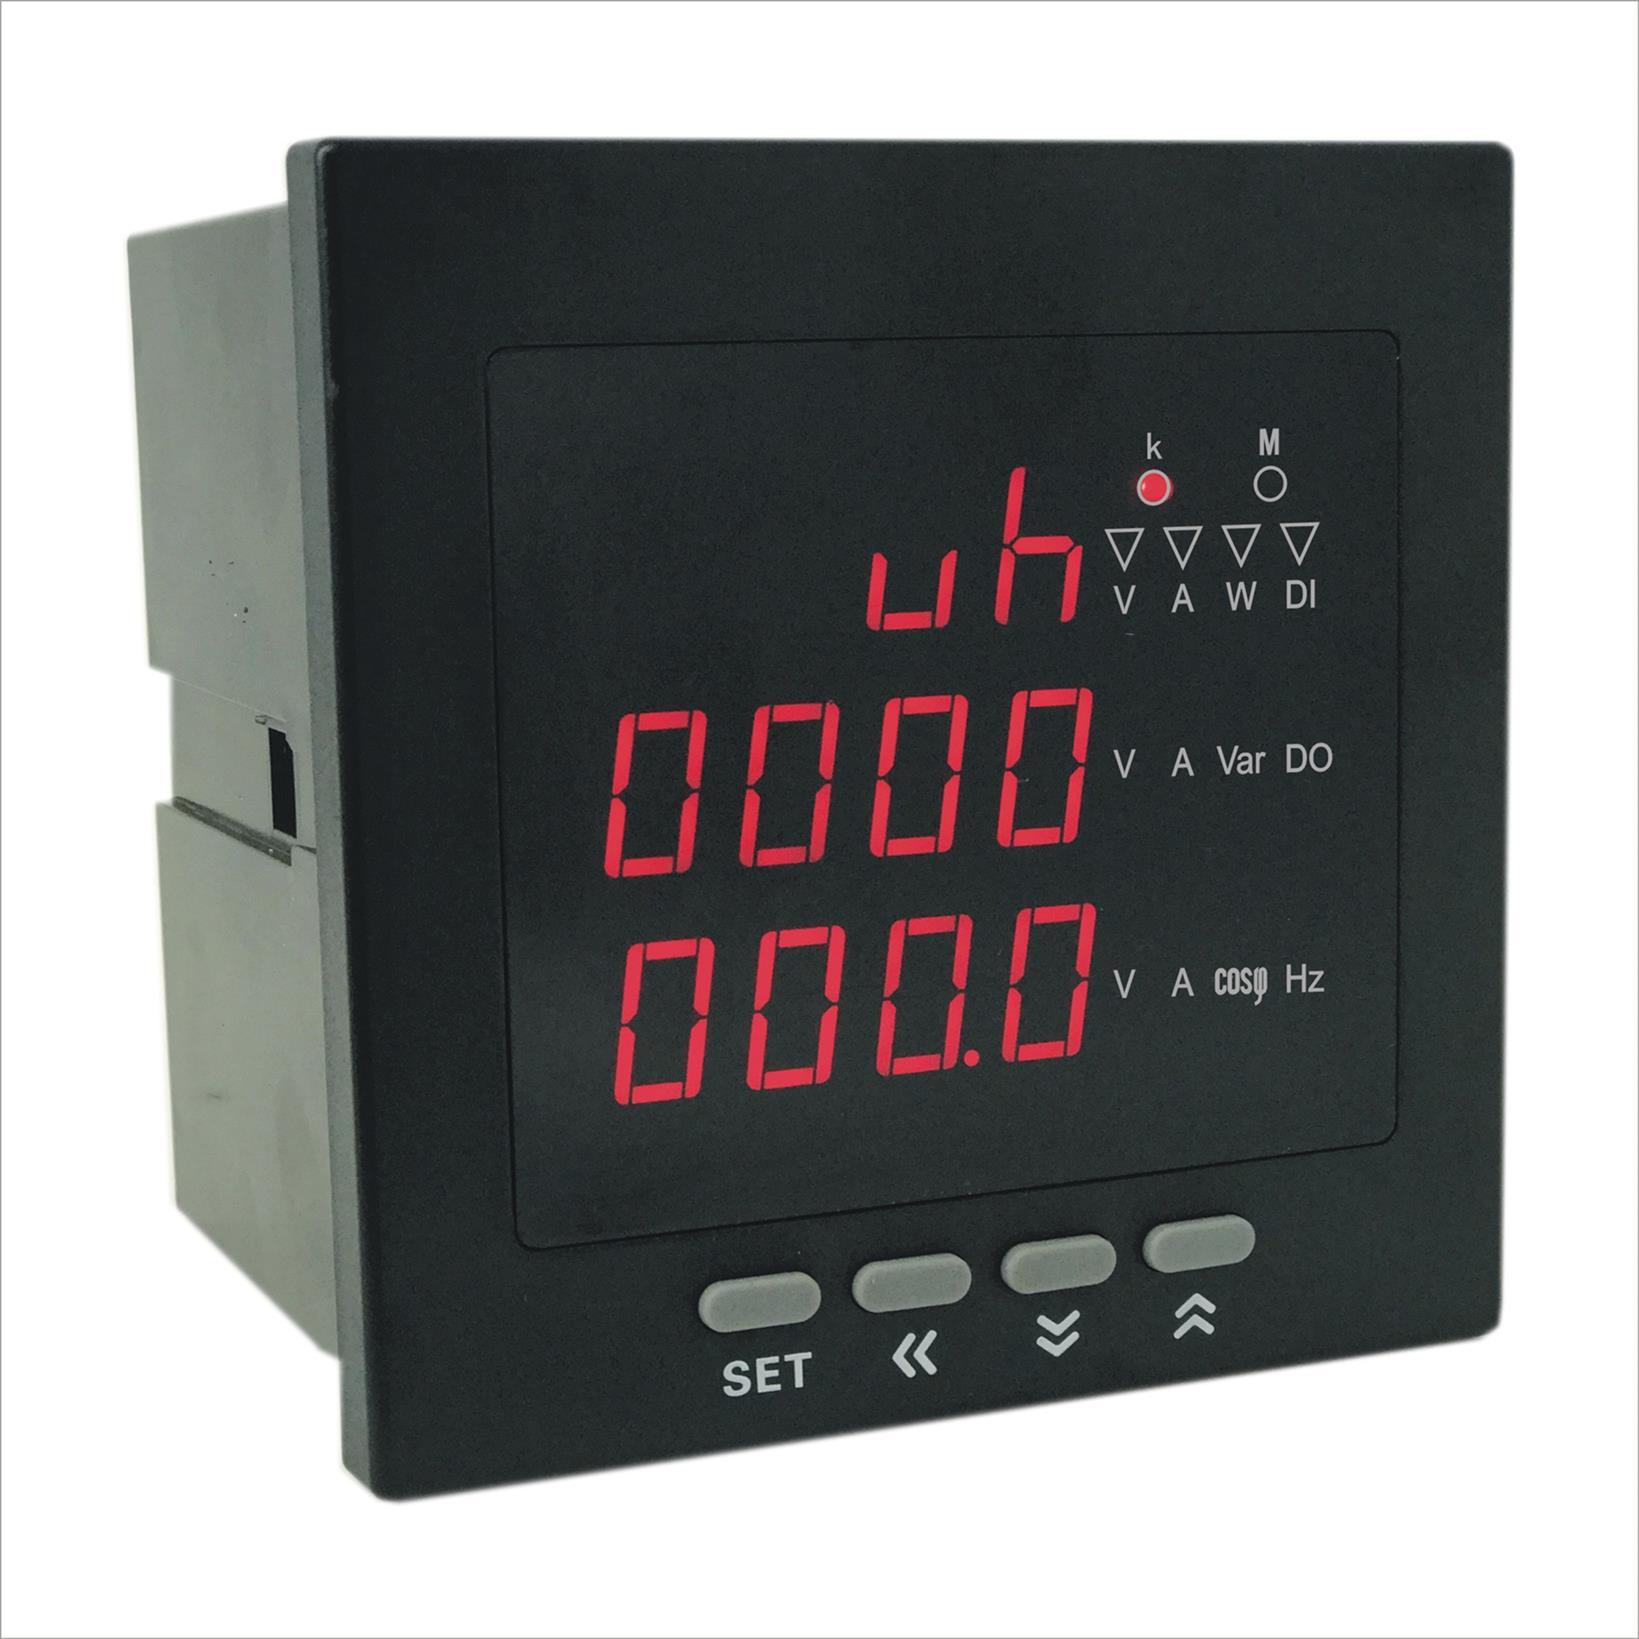 奥宾数显多功能电力仪表特点 产品有质量保证